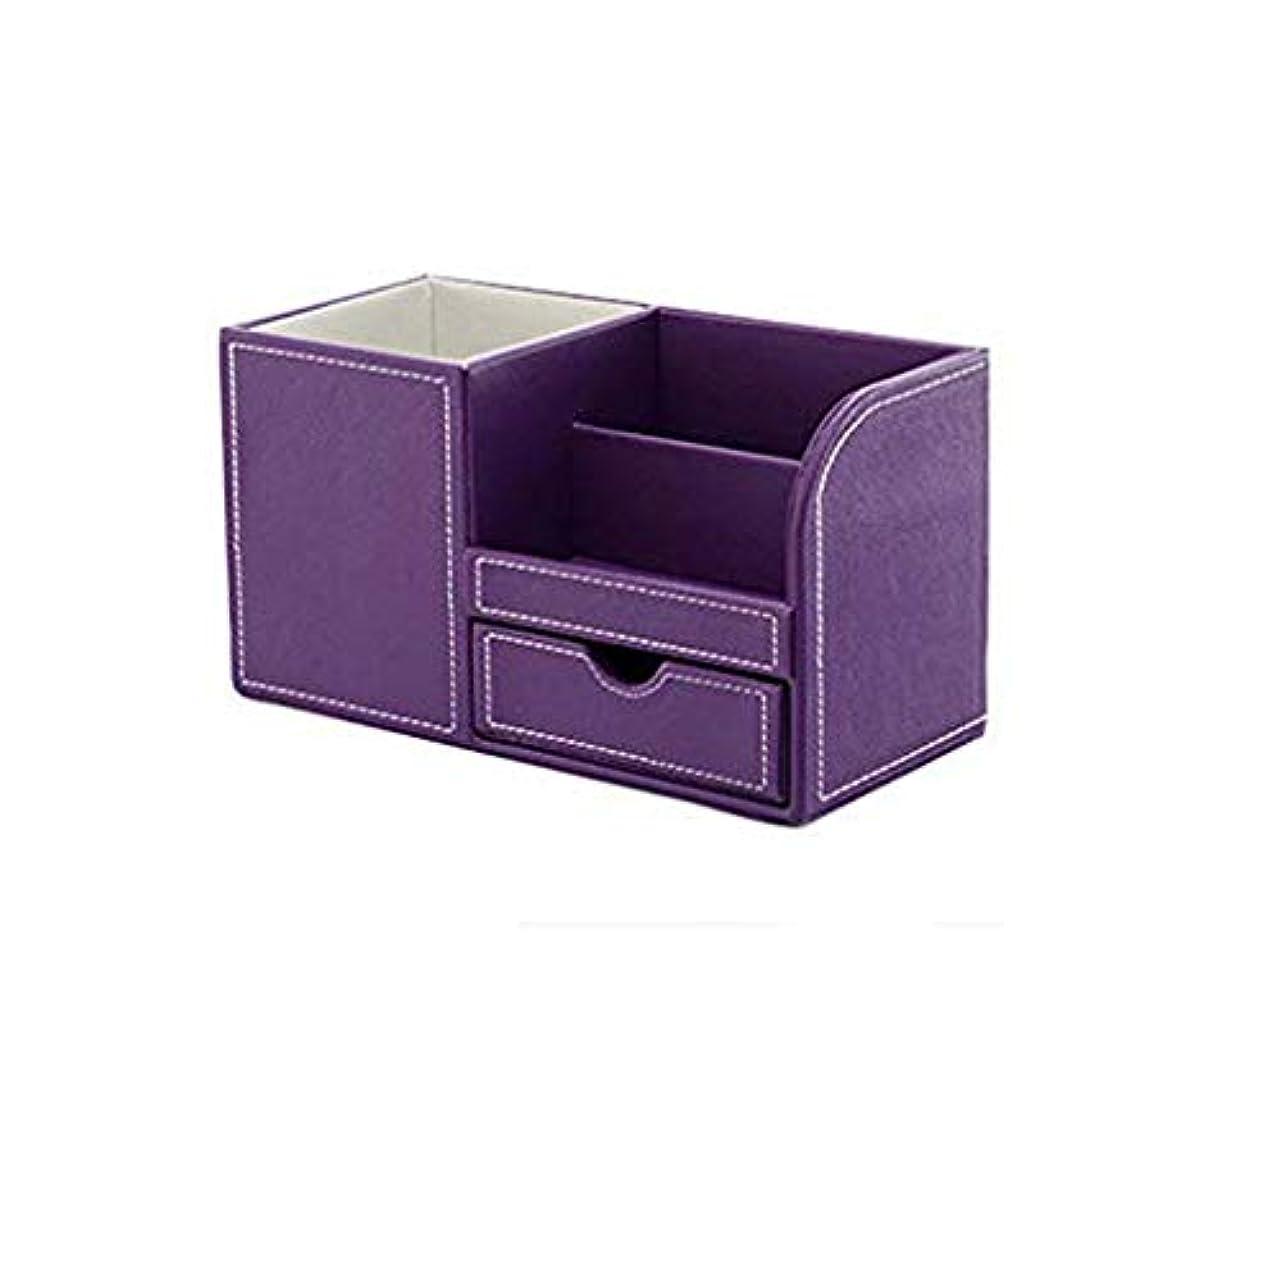 トラップアイデア観客多機能収納ボックスペンホルダーオフィス文具デスクトップ事務用品ペンホルダー (Color : Purple)